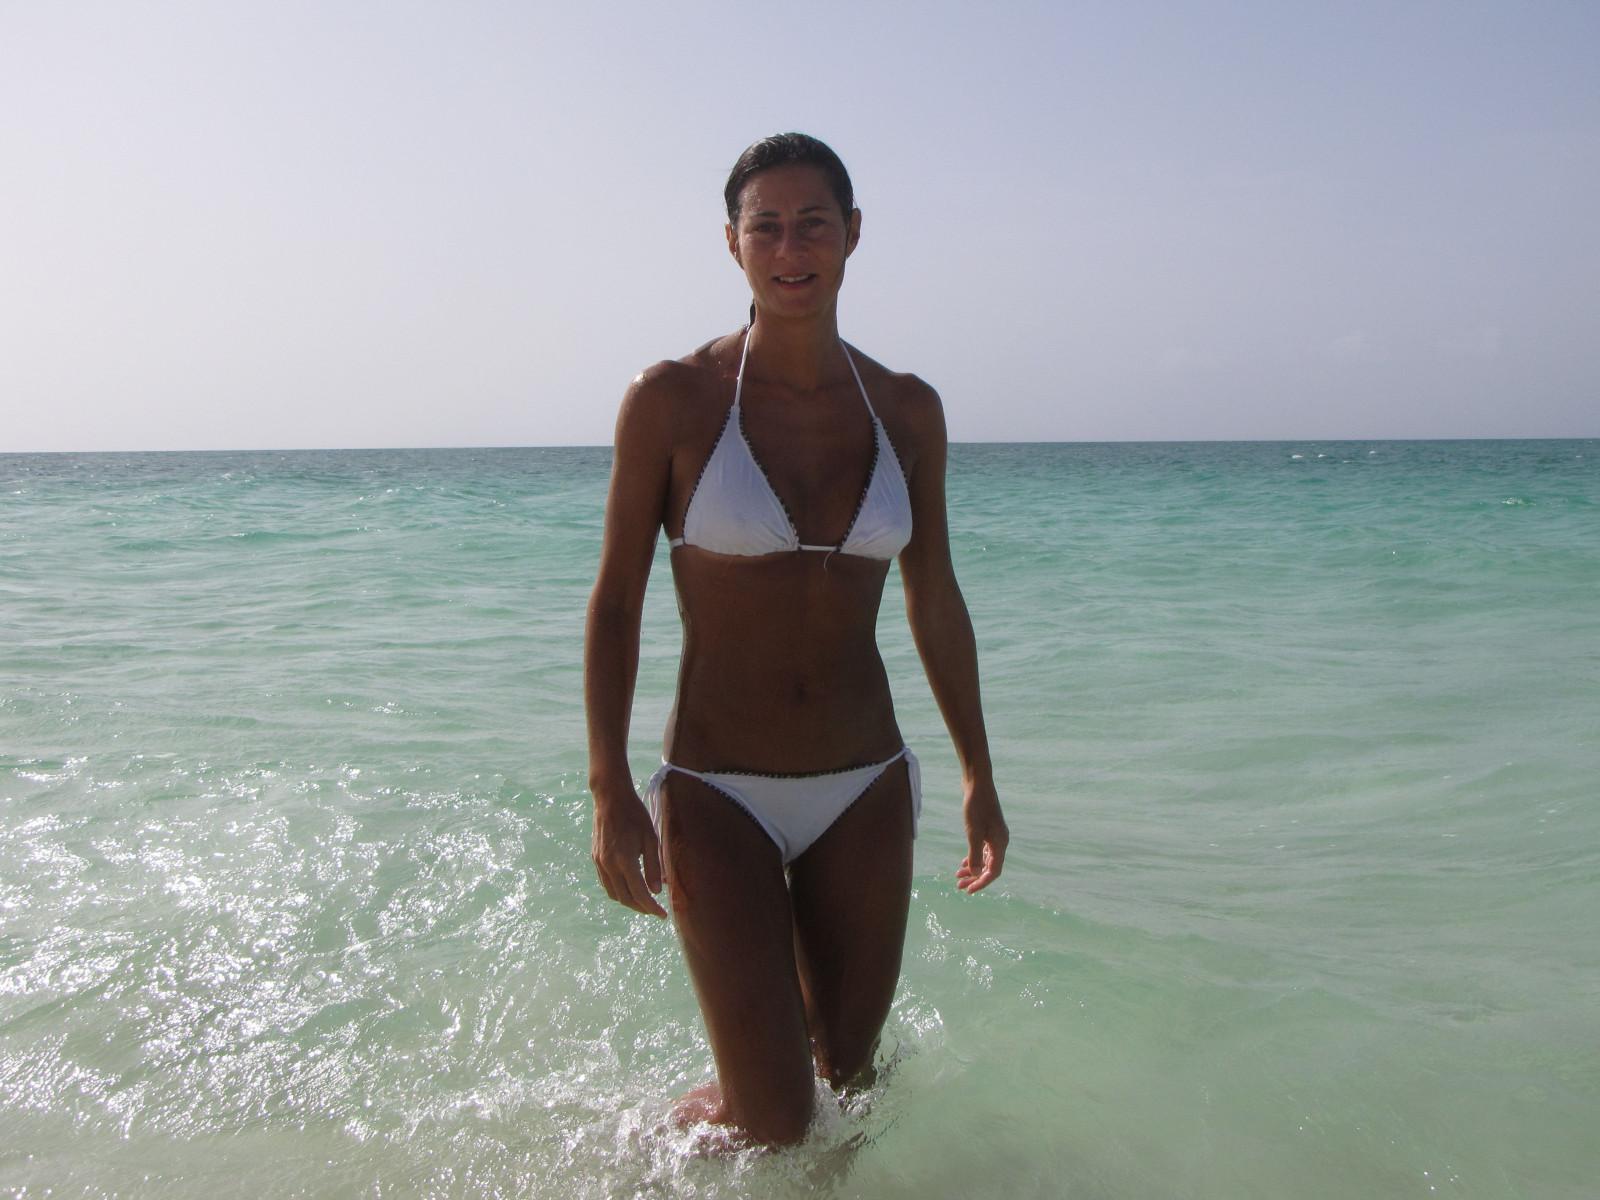 Sfondi mare acqua sabbia cielo pantaloncini spiaggia turismo estate bikini cameltoe - Costumi da bagno ragazza ...